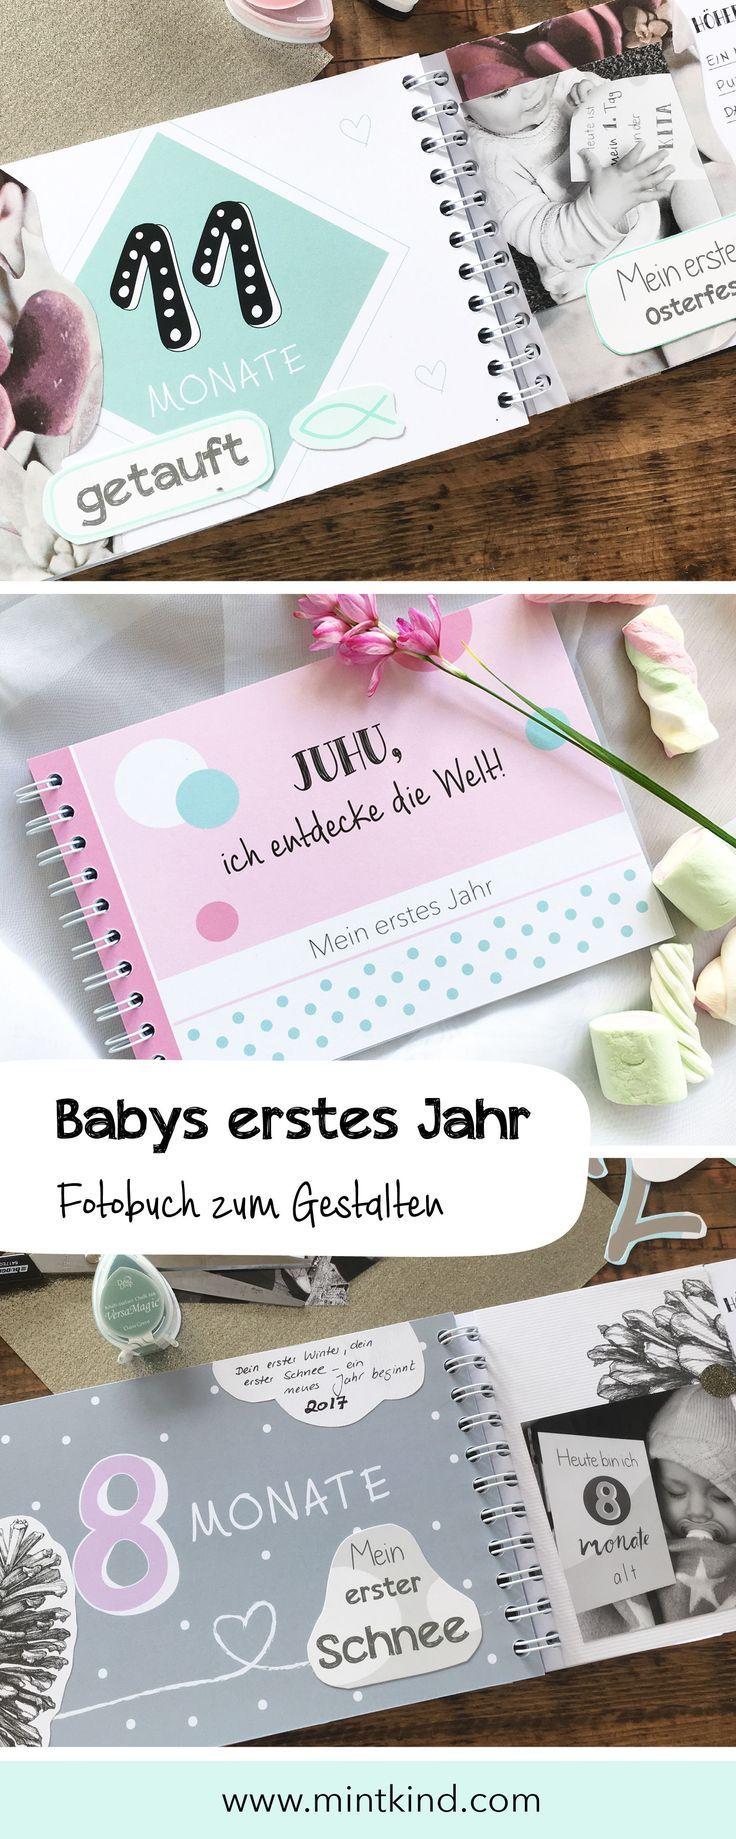 Mein erstes Jahr Das Babybuch zum selber eintragen